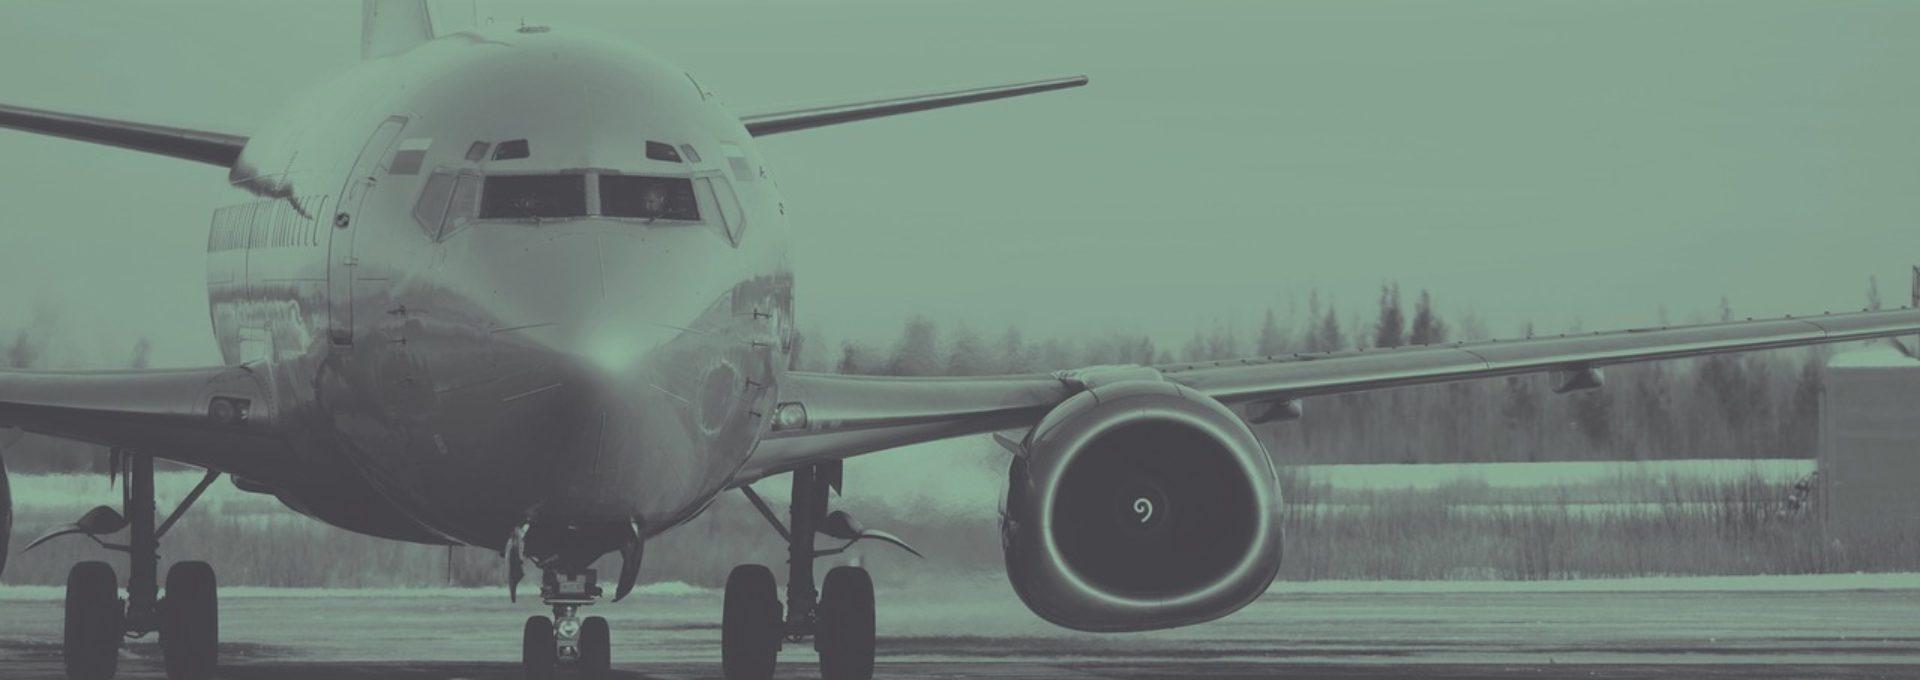 Buck Airfare